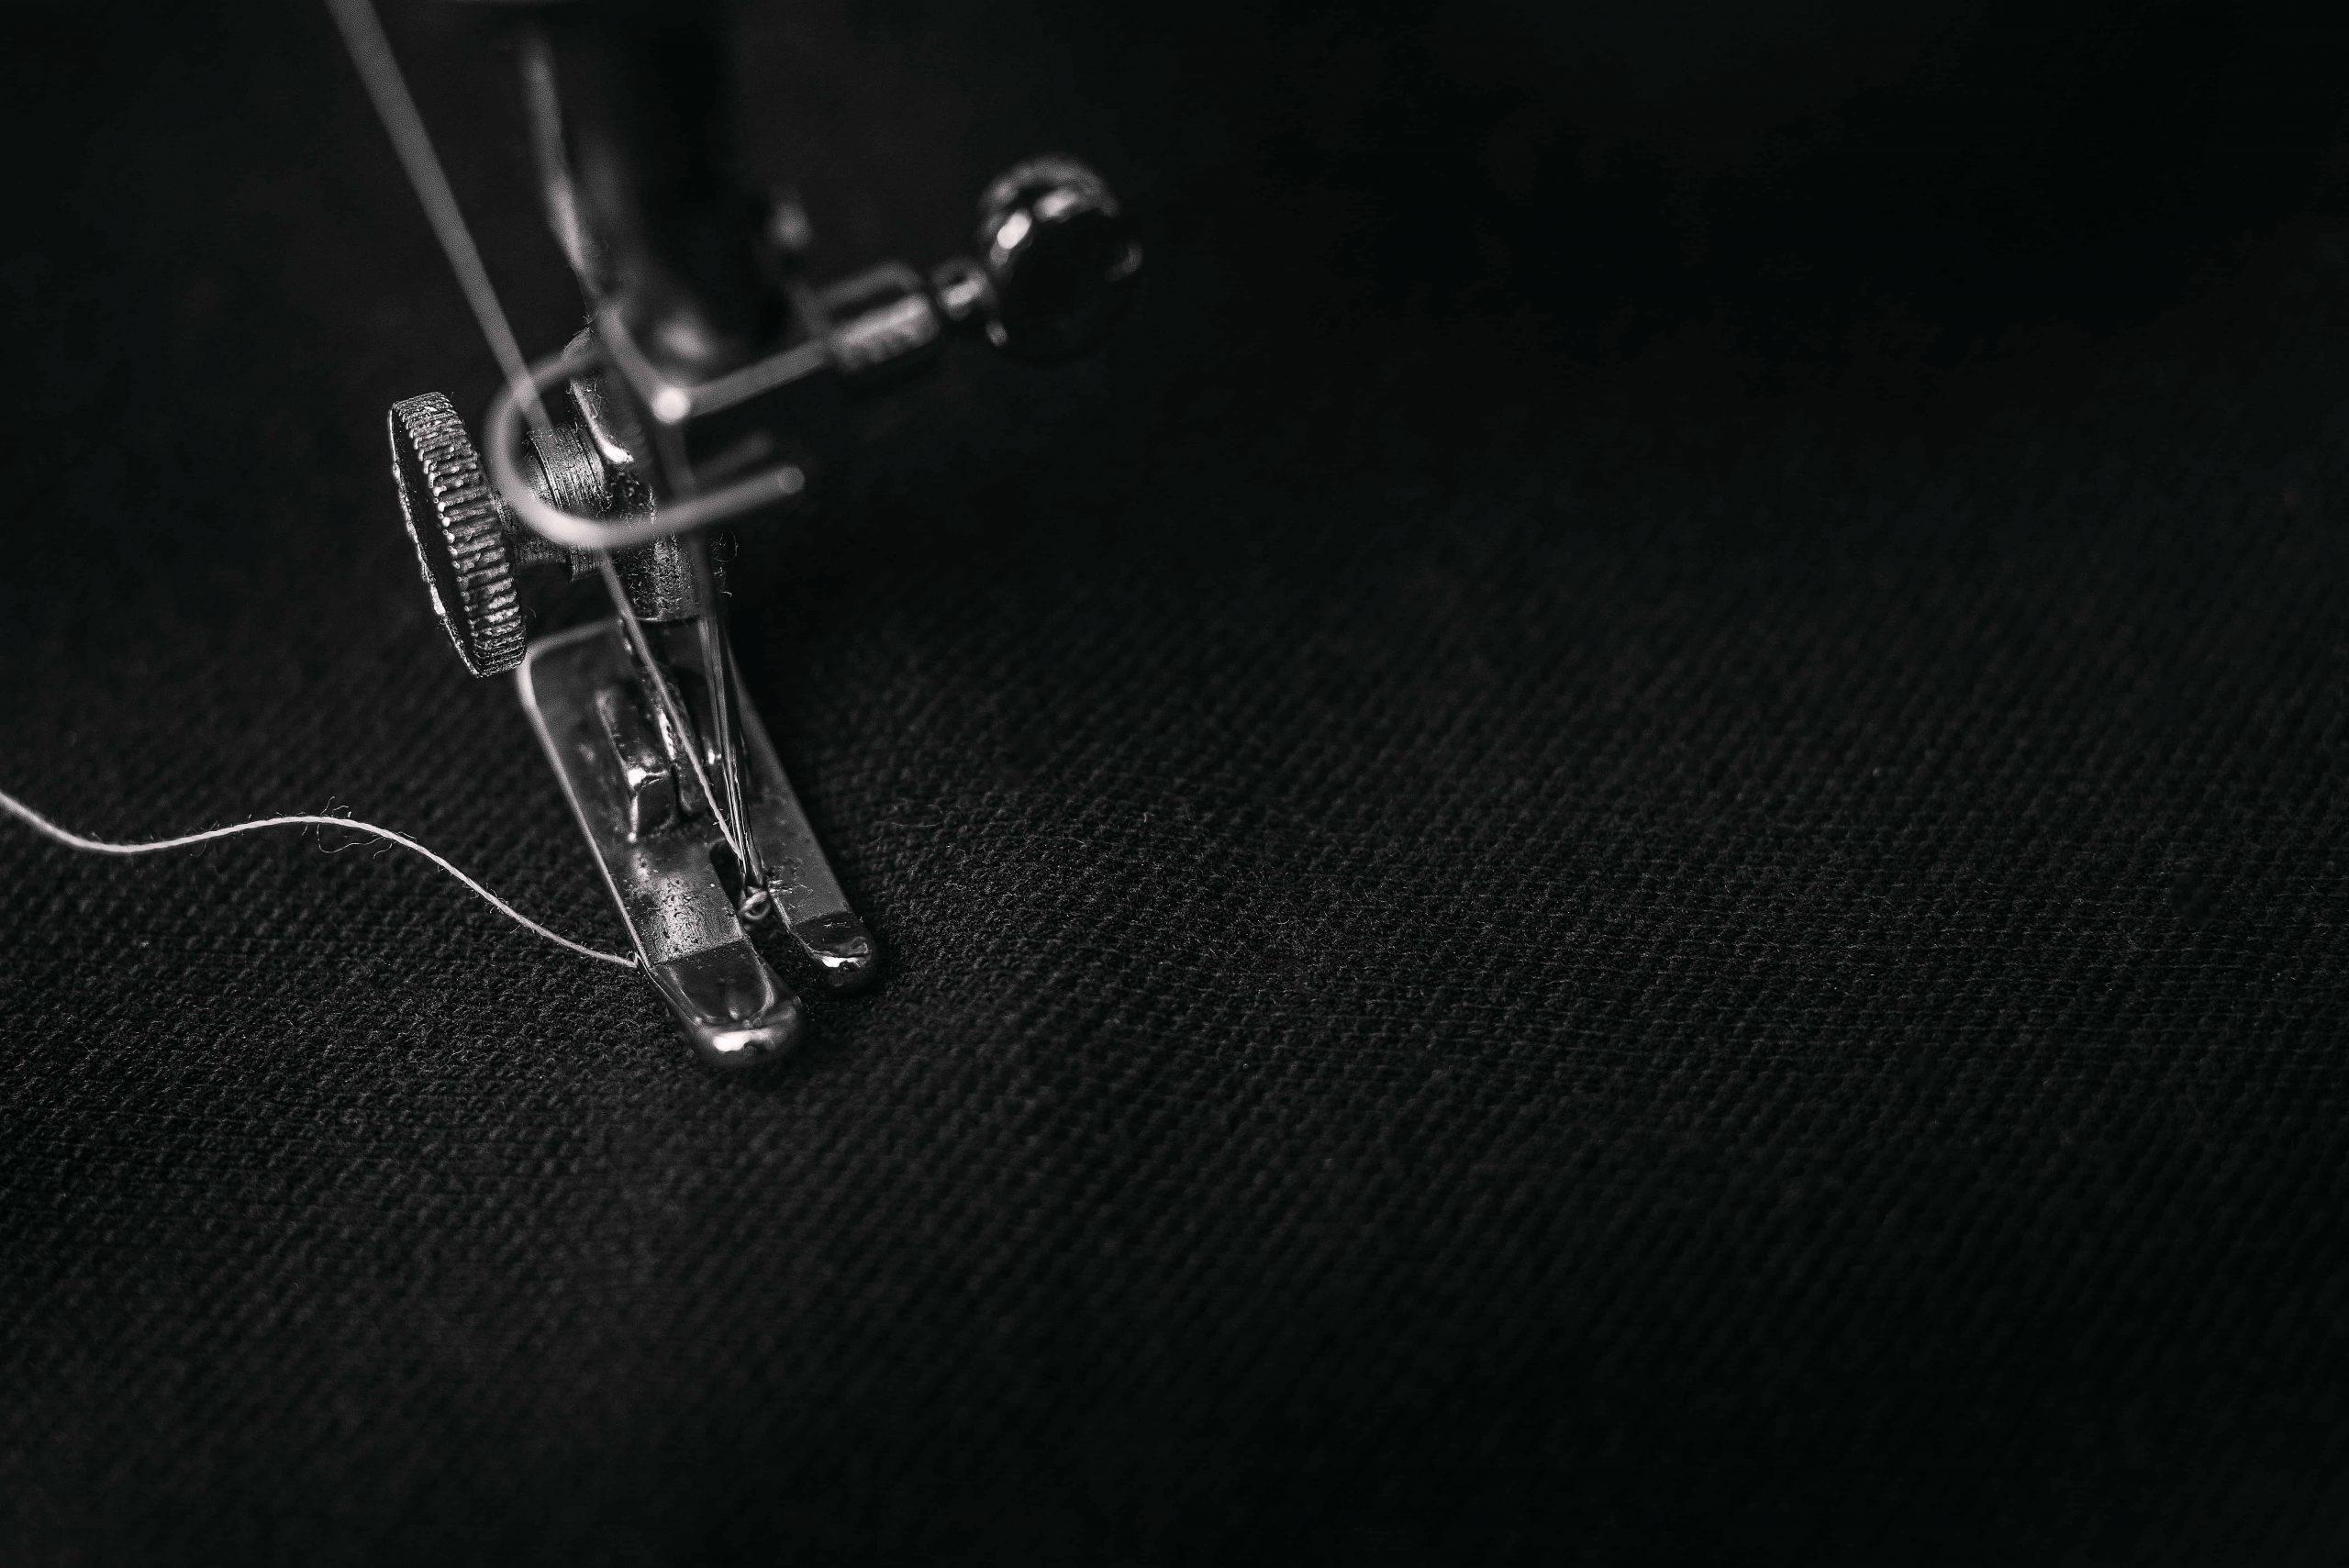 Modernes Nähen: Vorteile und Nachteile einer Computernähmaschine